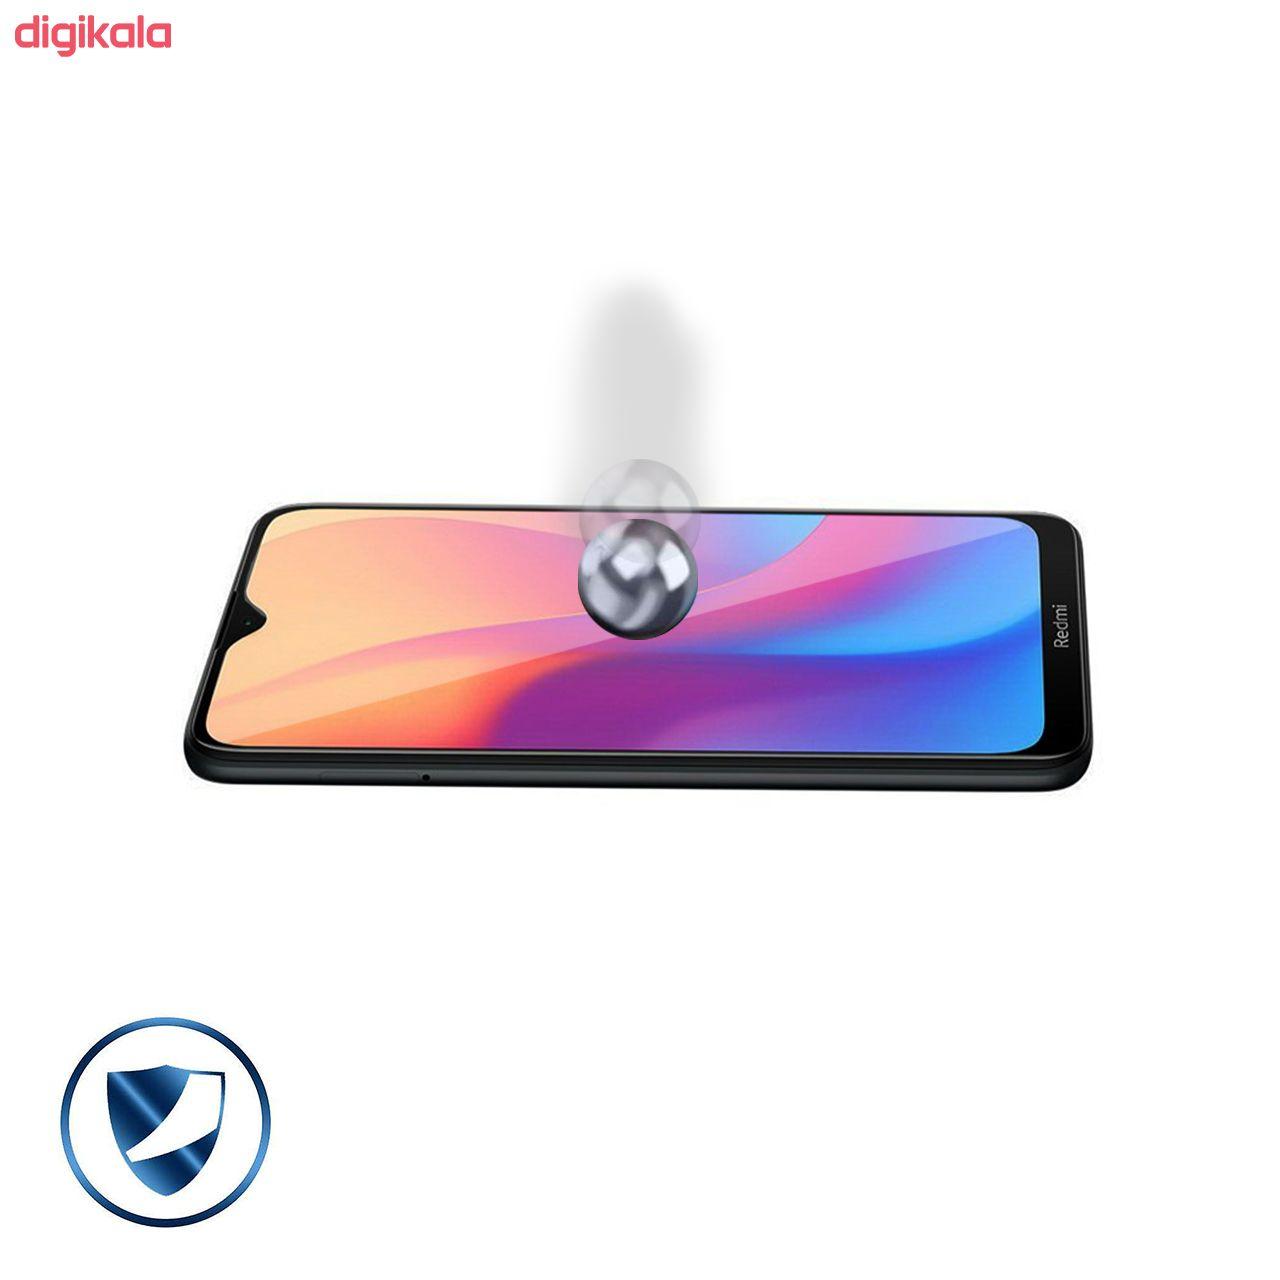 محافظ صفحه نمایش سیحان مدل FG مناسب برای گوشی موبایل شیائومی Redmi 8A main 1 5